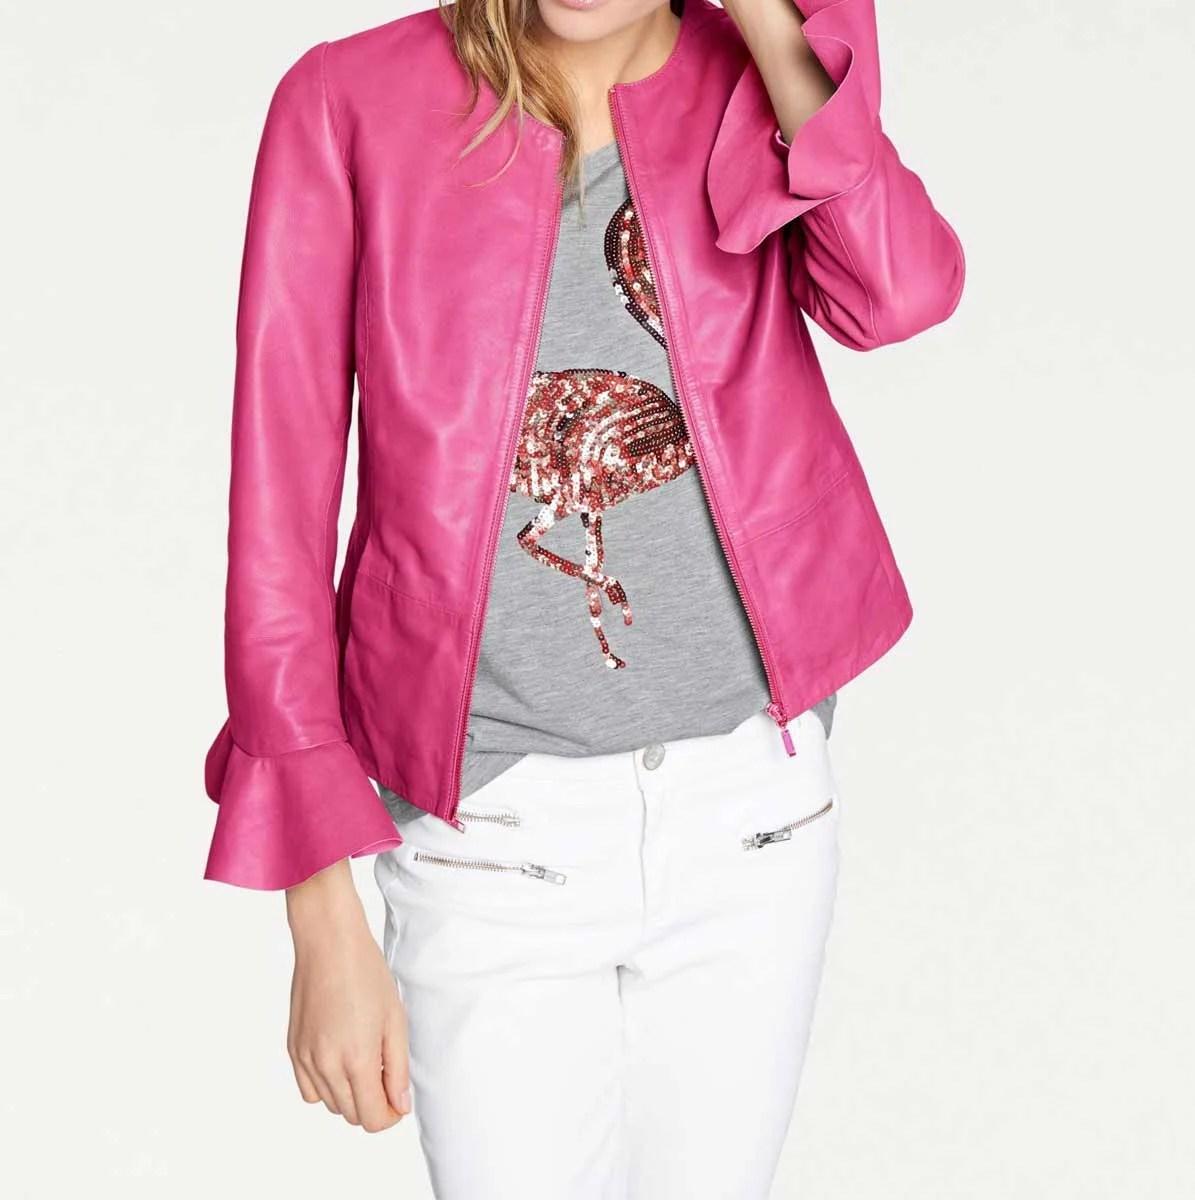 jacken auf rechnung bestellen als neukunde HEINE Damen Designer-Lammnappalederjacke m. Volants Pink 697.425 MISSFORTY